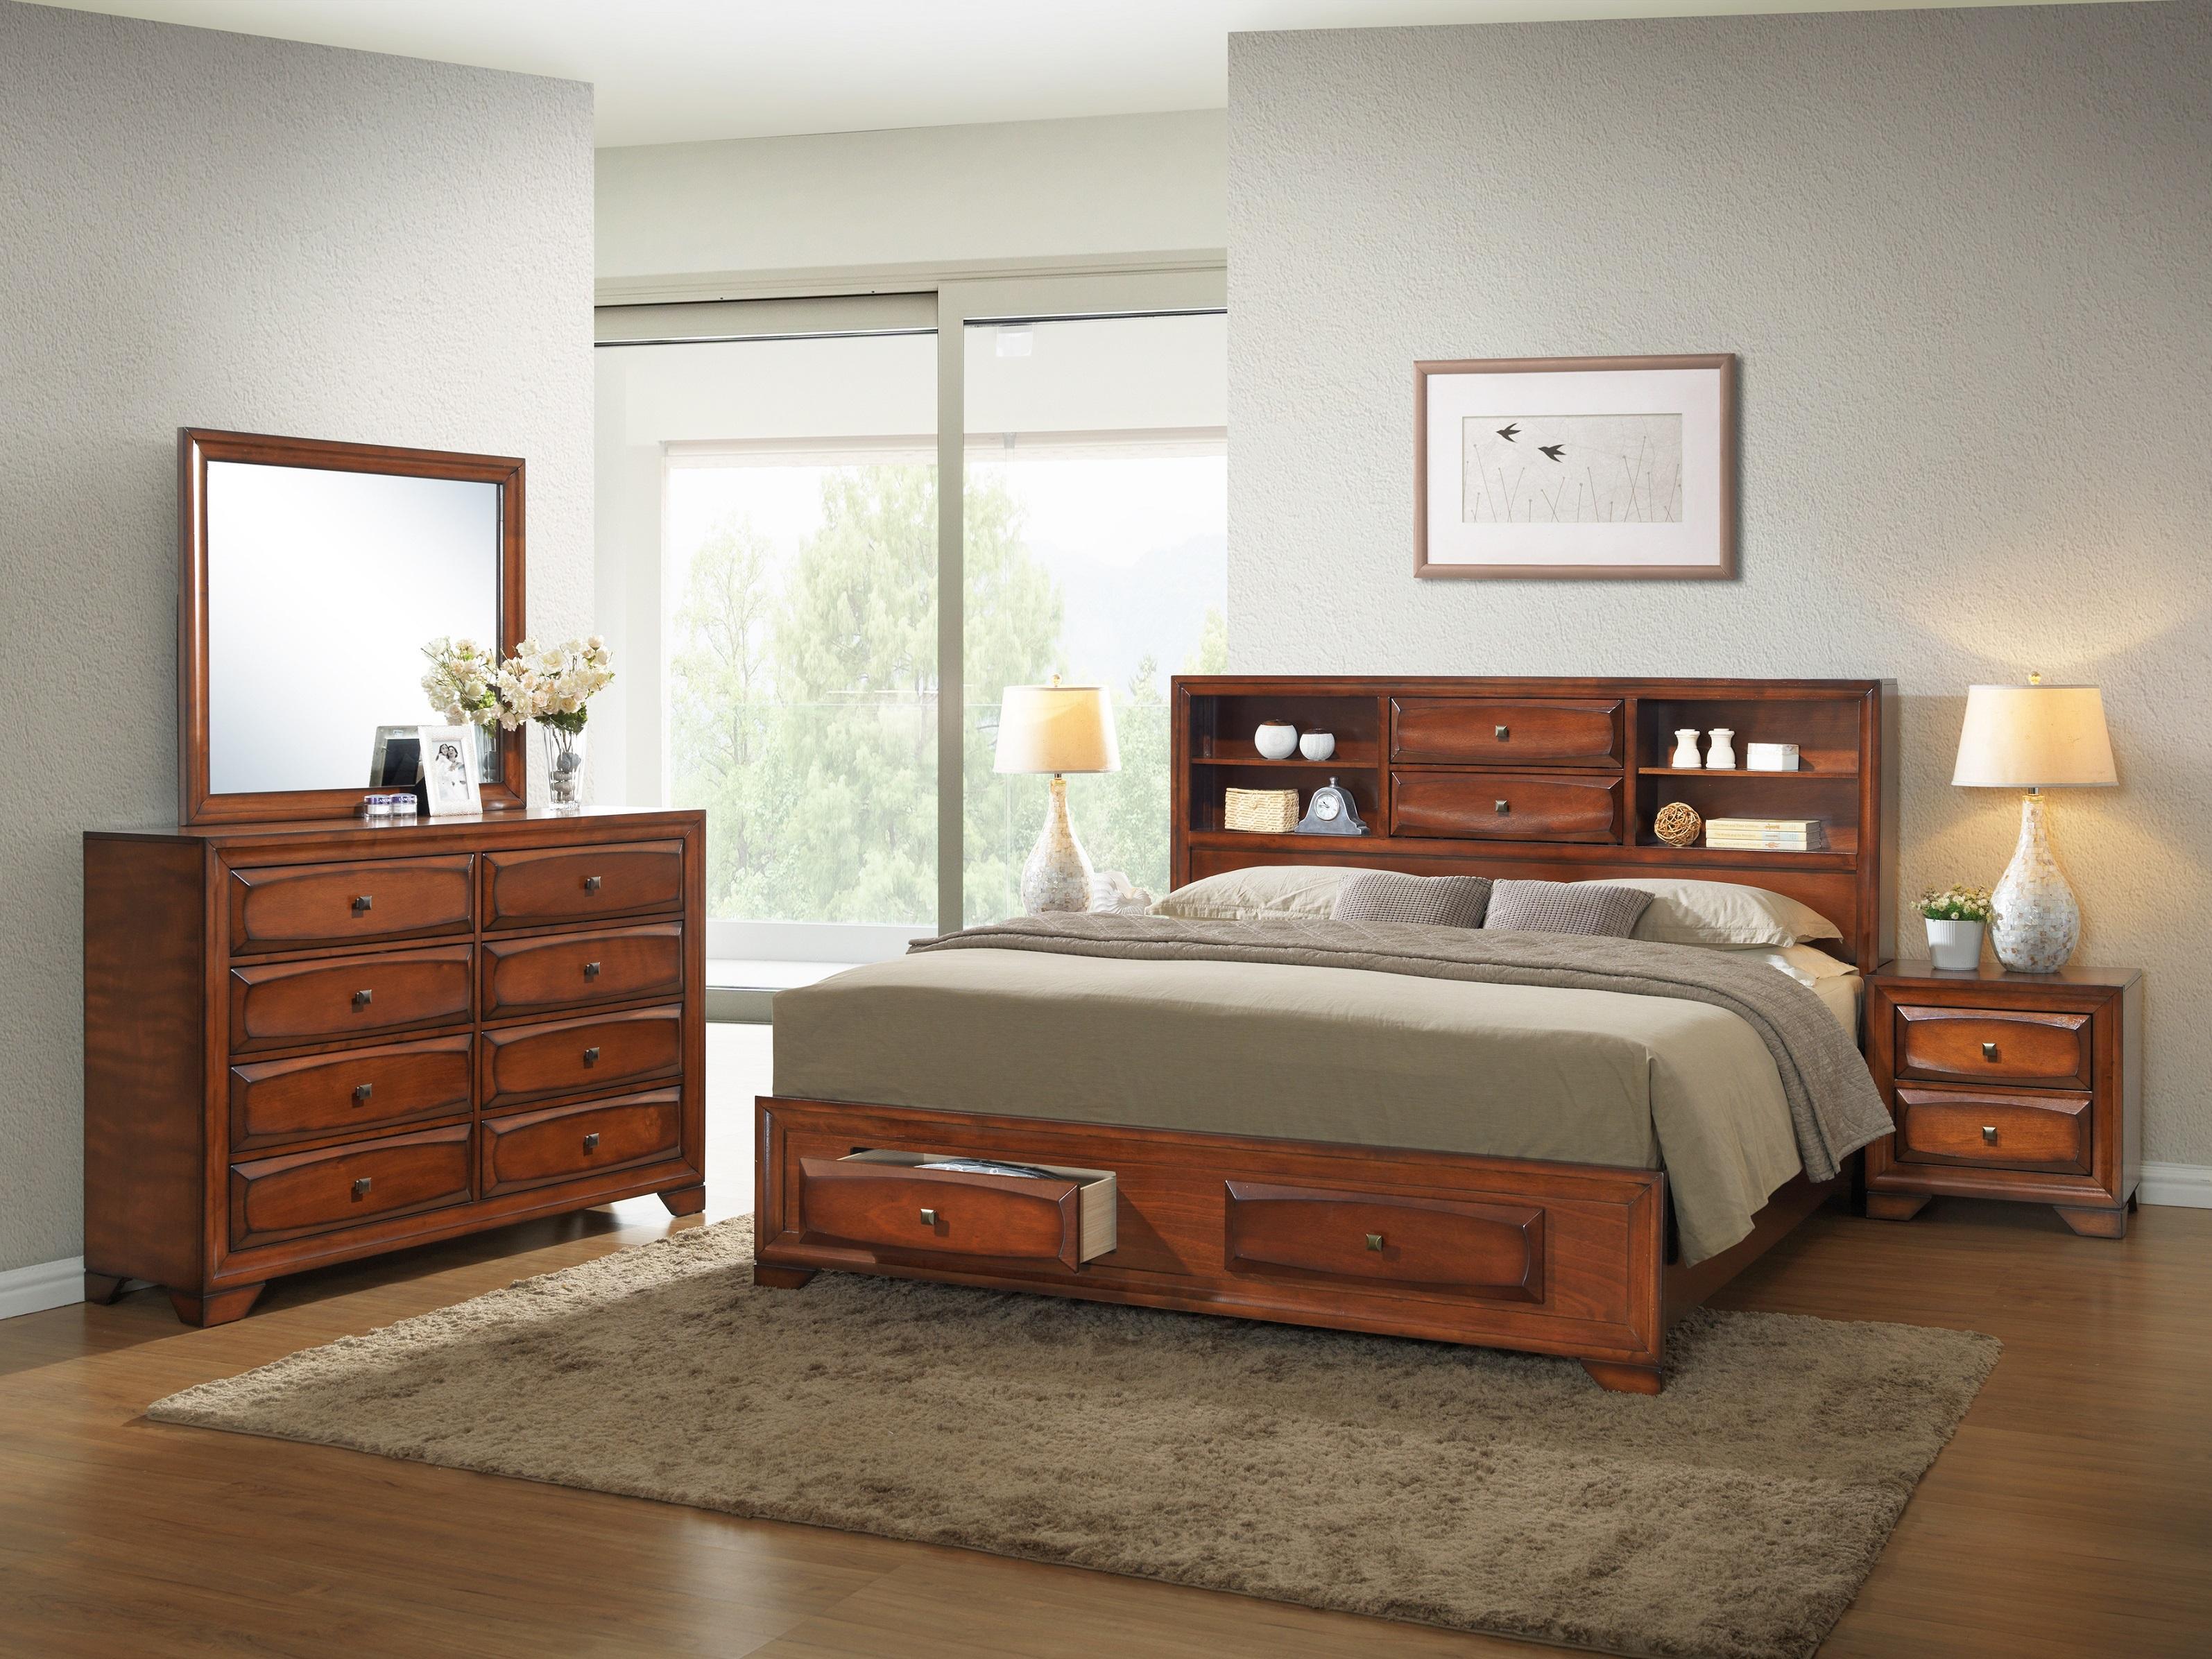 Amazon Com Roundhill Furniture Asger Antique Oak Finish